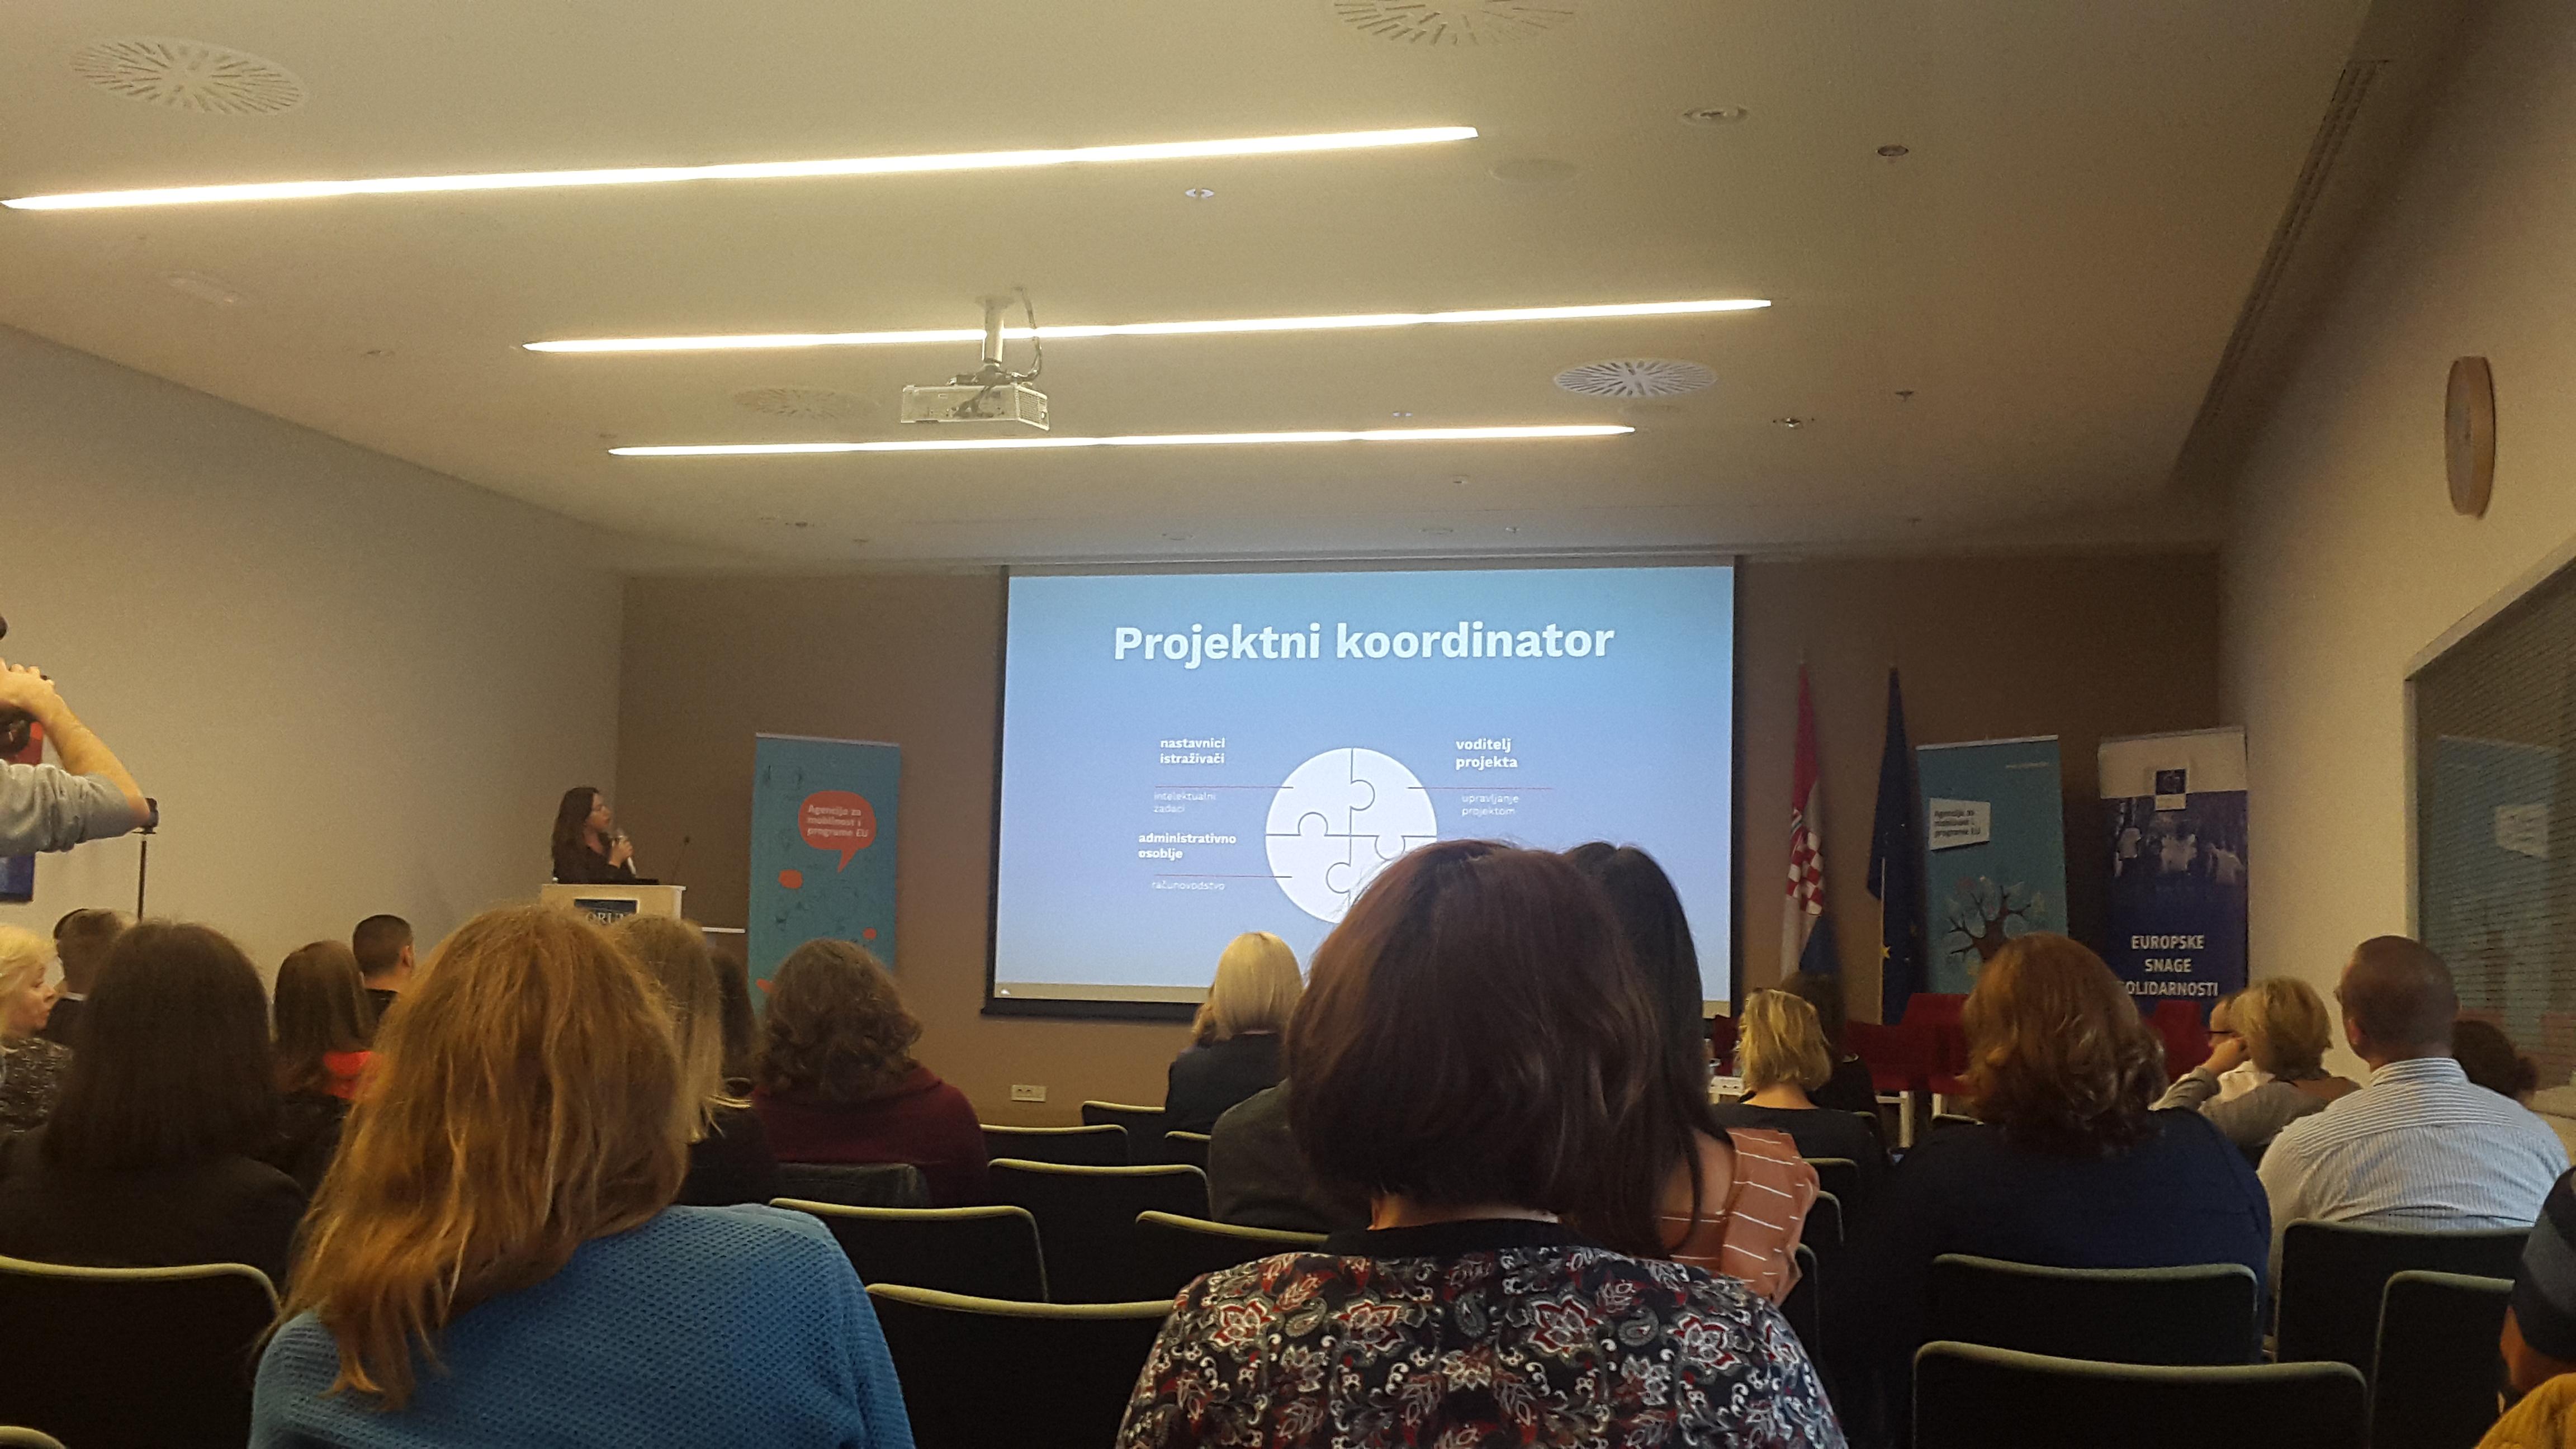 Događaj - Inspiriraj se! #BudiErasmusPlusGeneracija, sudionici s leđa i prezentacija